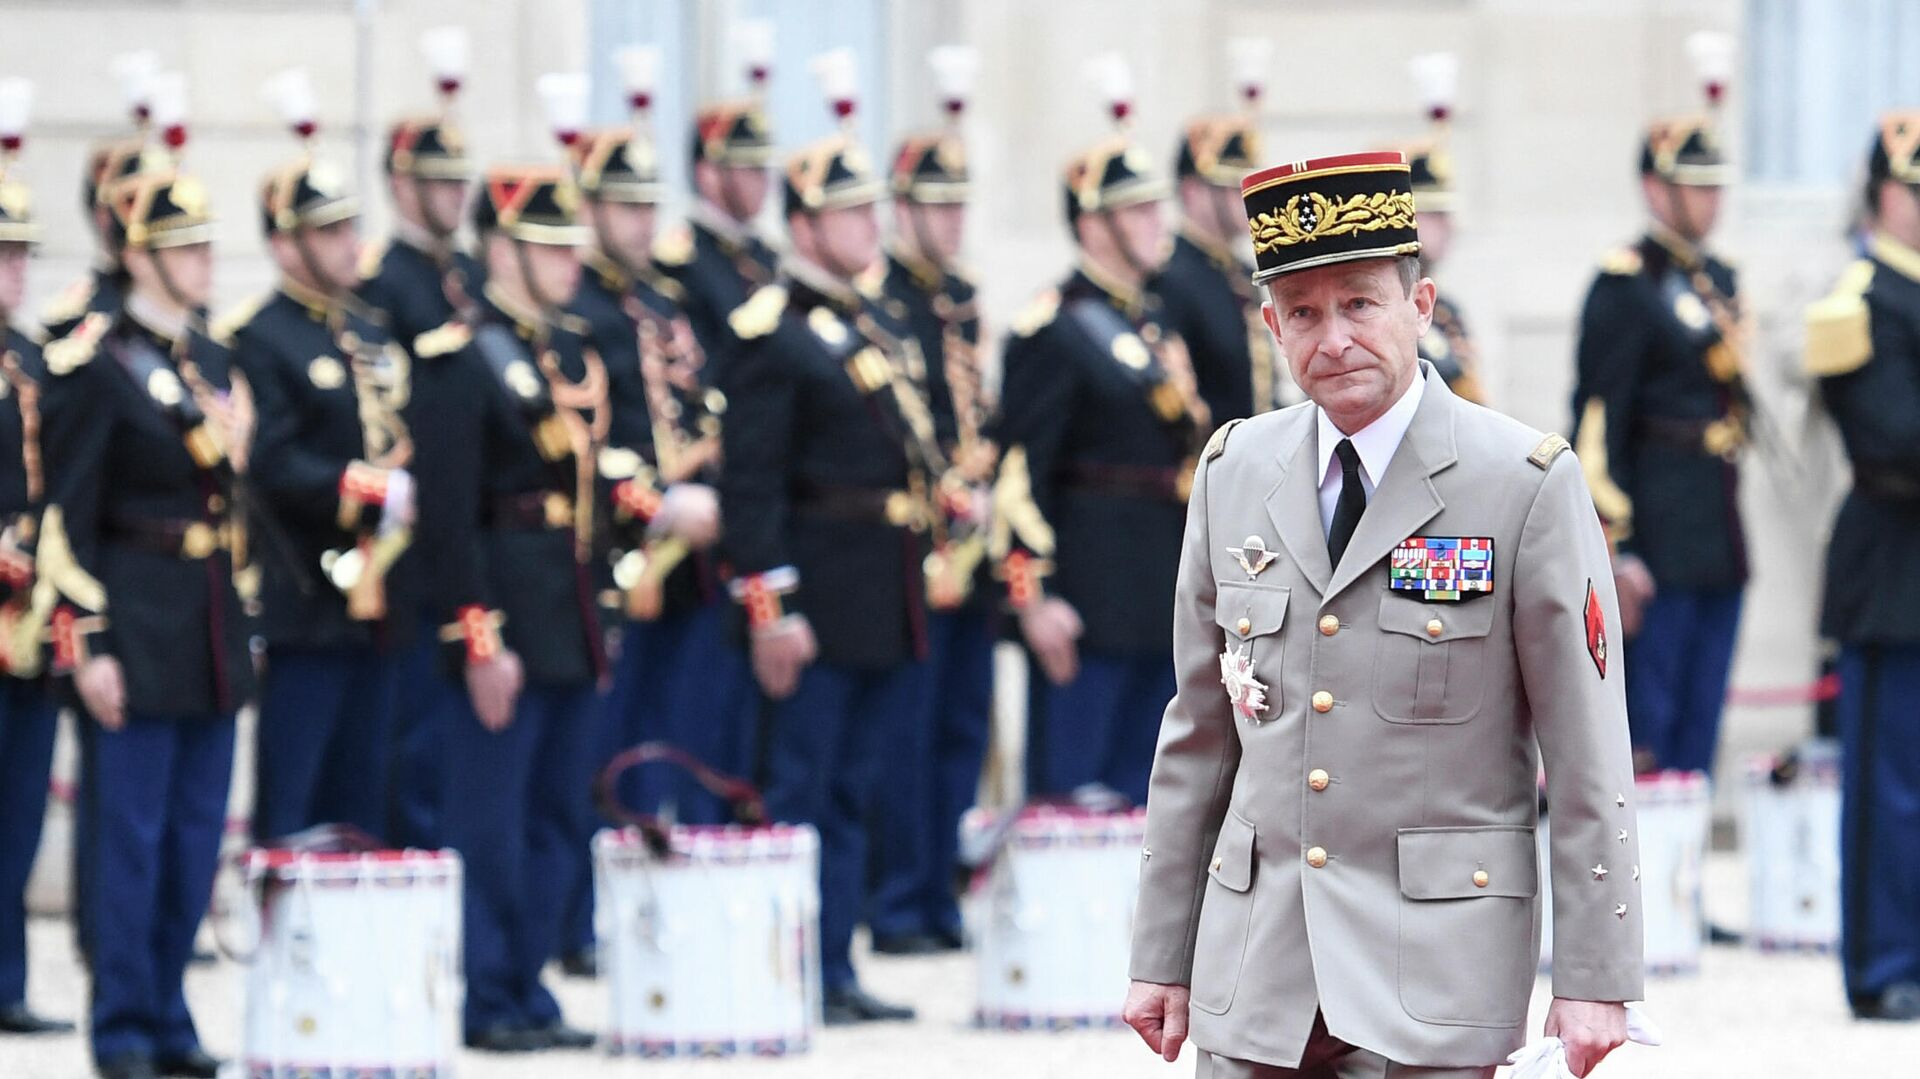 Начальник Генерального штаба Франции Пьер де Вилье в Елисейском дворце. 2017 год - РИА Новости, 1920, 29.04.2021